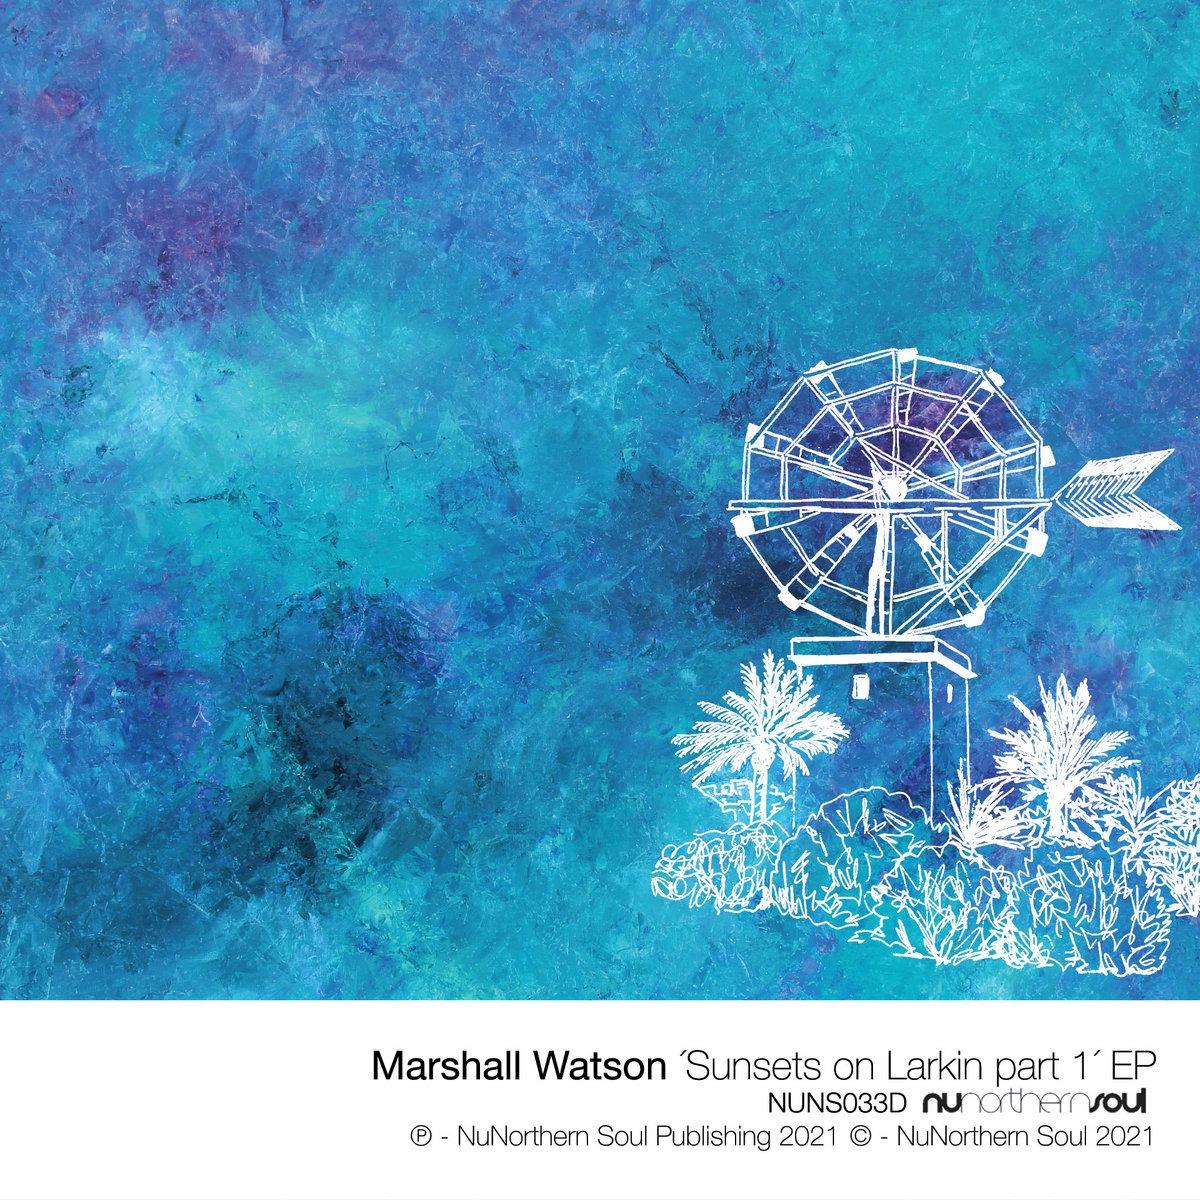 @nunorthernsoul NEW RELEASE : Marshall Watson - Sunsets on Larkin EP 1 Link Thumbnail   Linktree